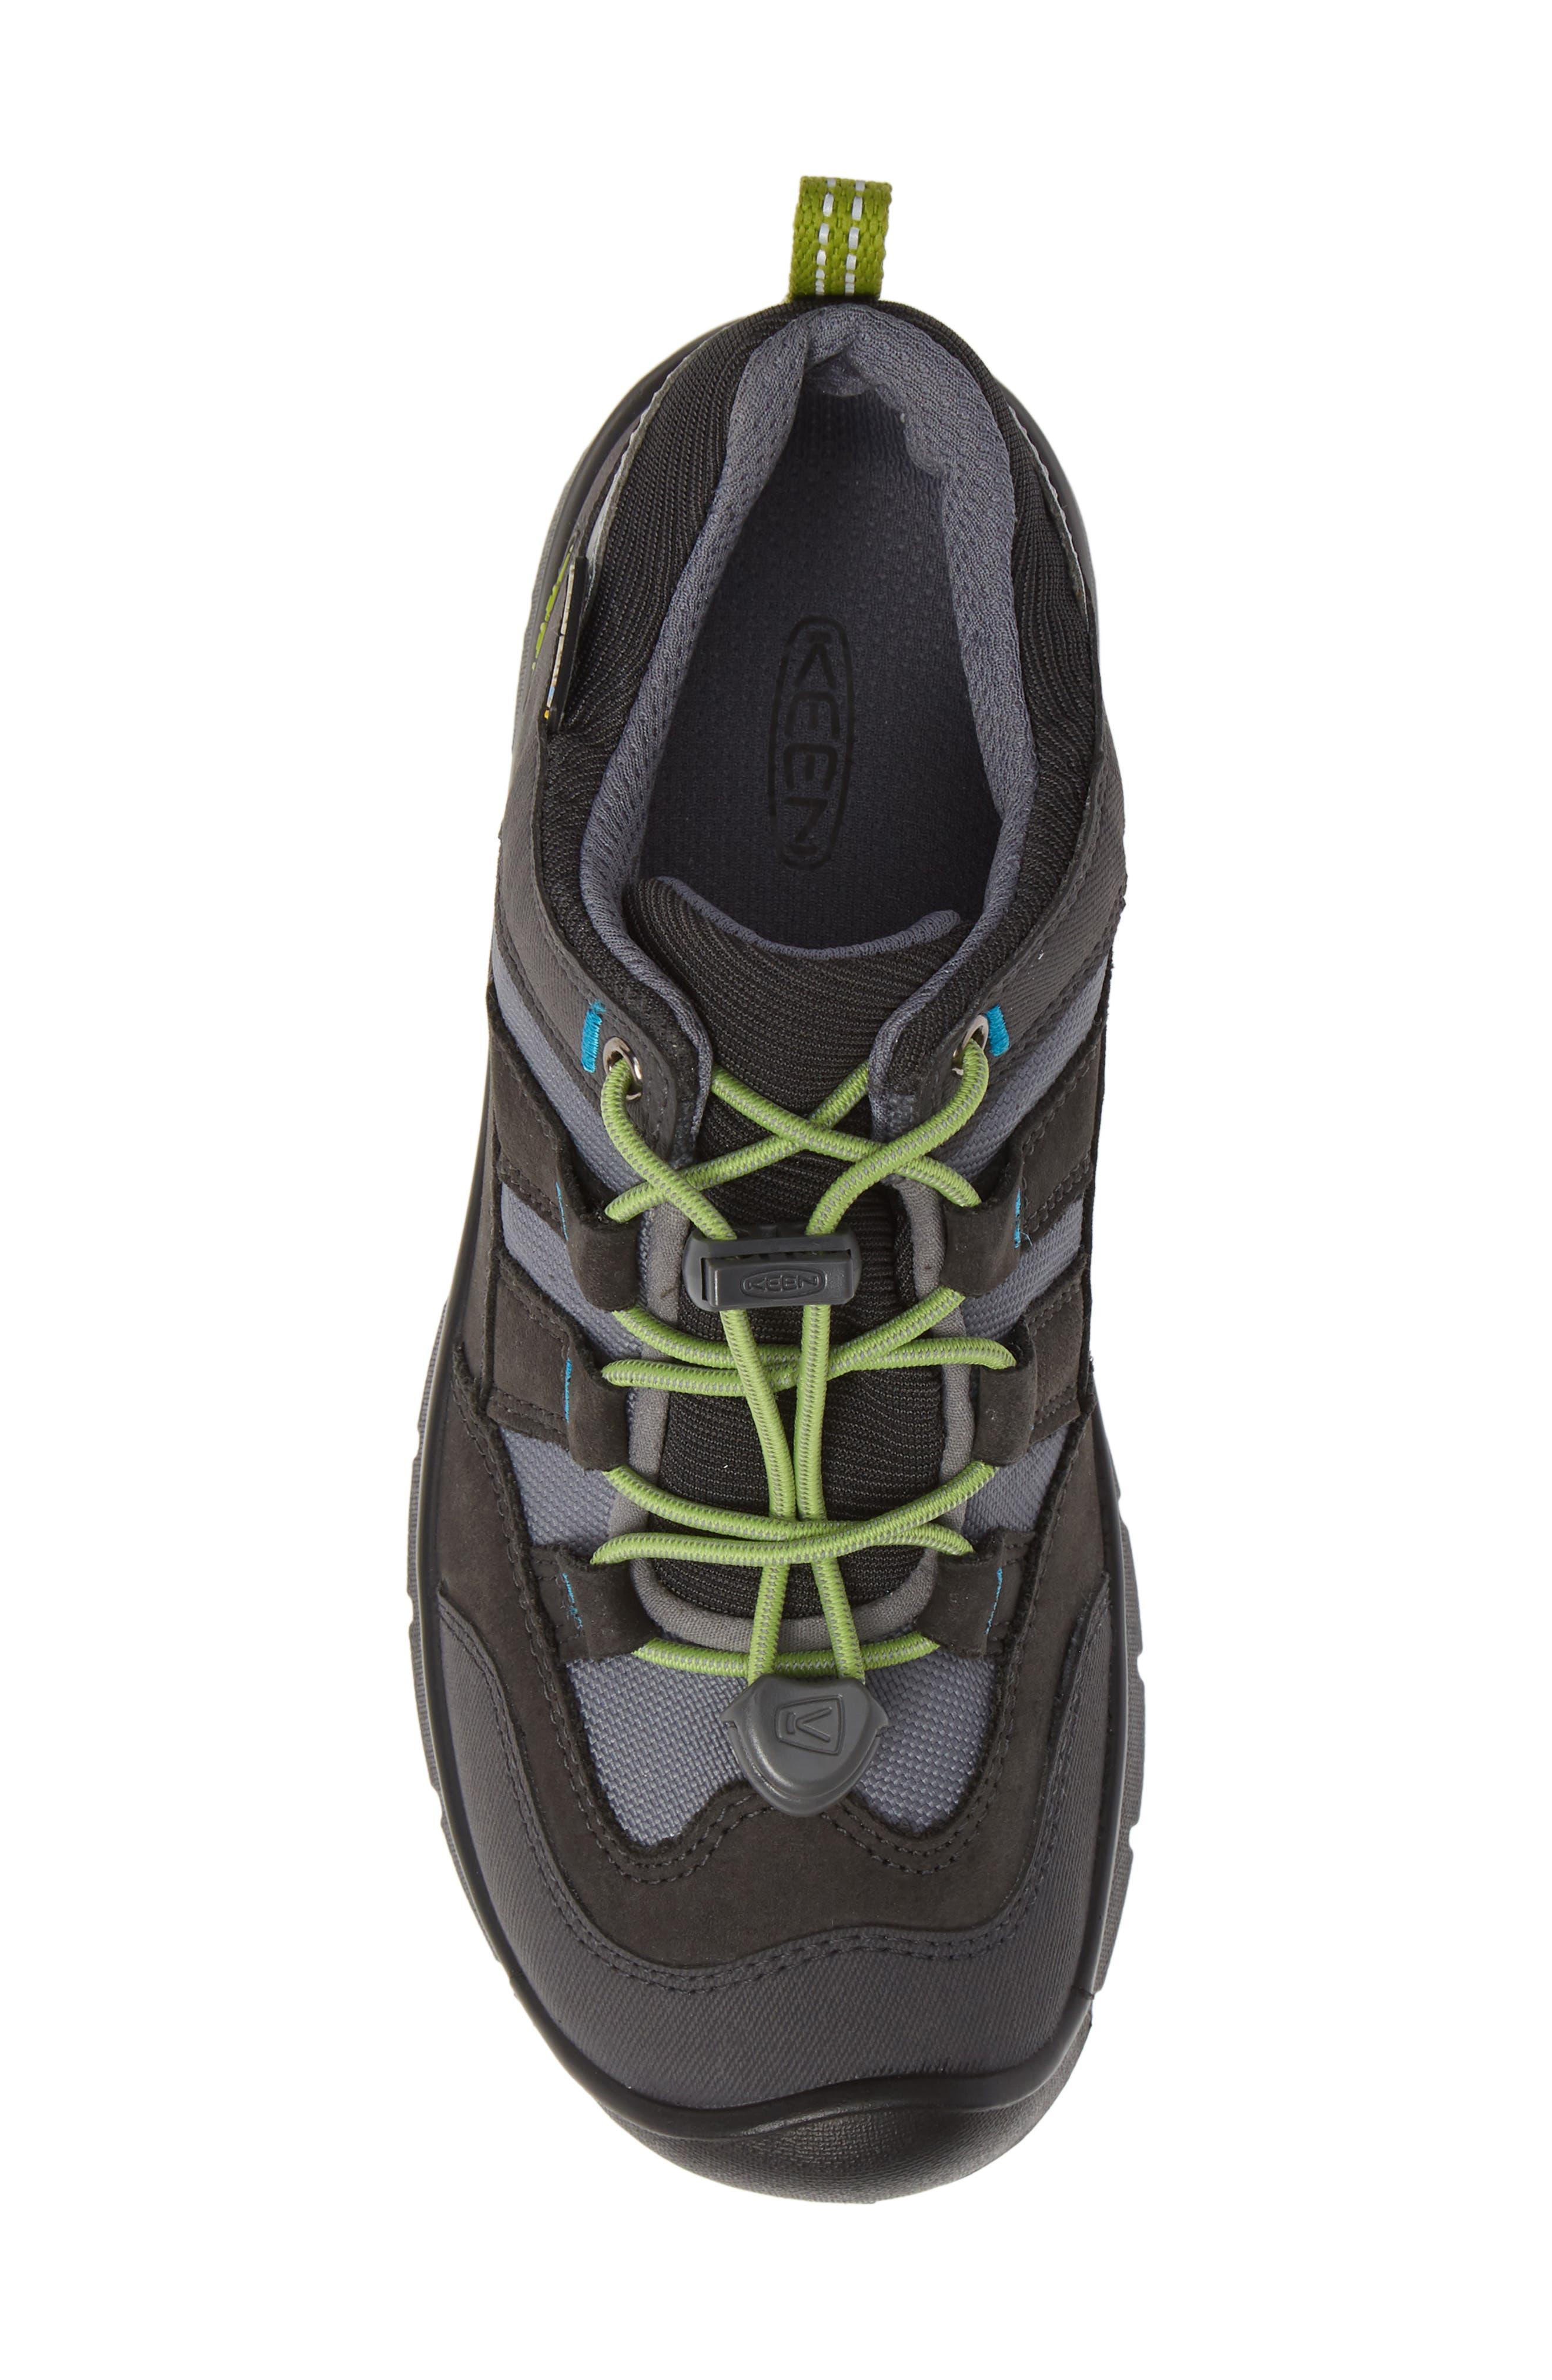 Hikeport Waterproof Sneaker,                             Alternate thumbnail 5, color,                             MAGNET/ GREENERY/ GREENERY